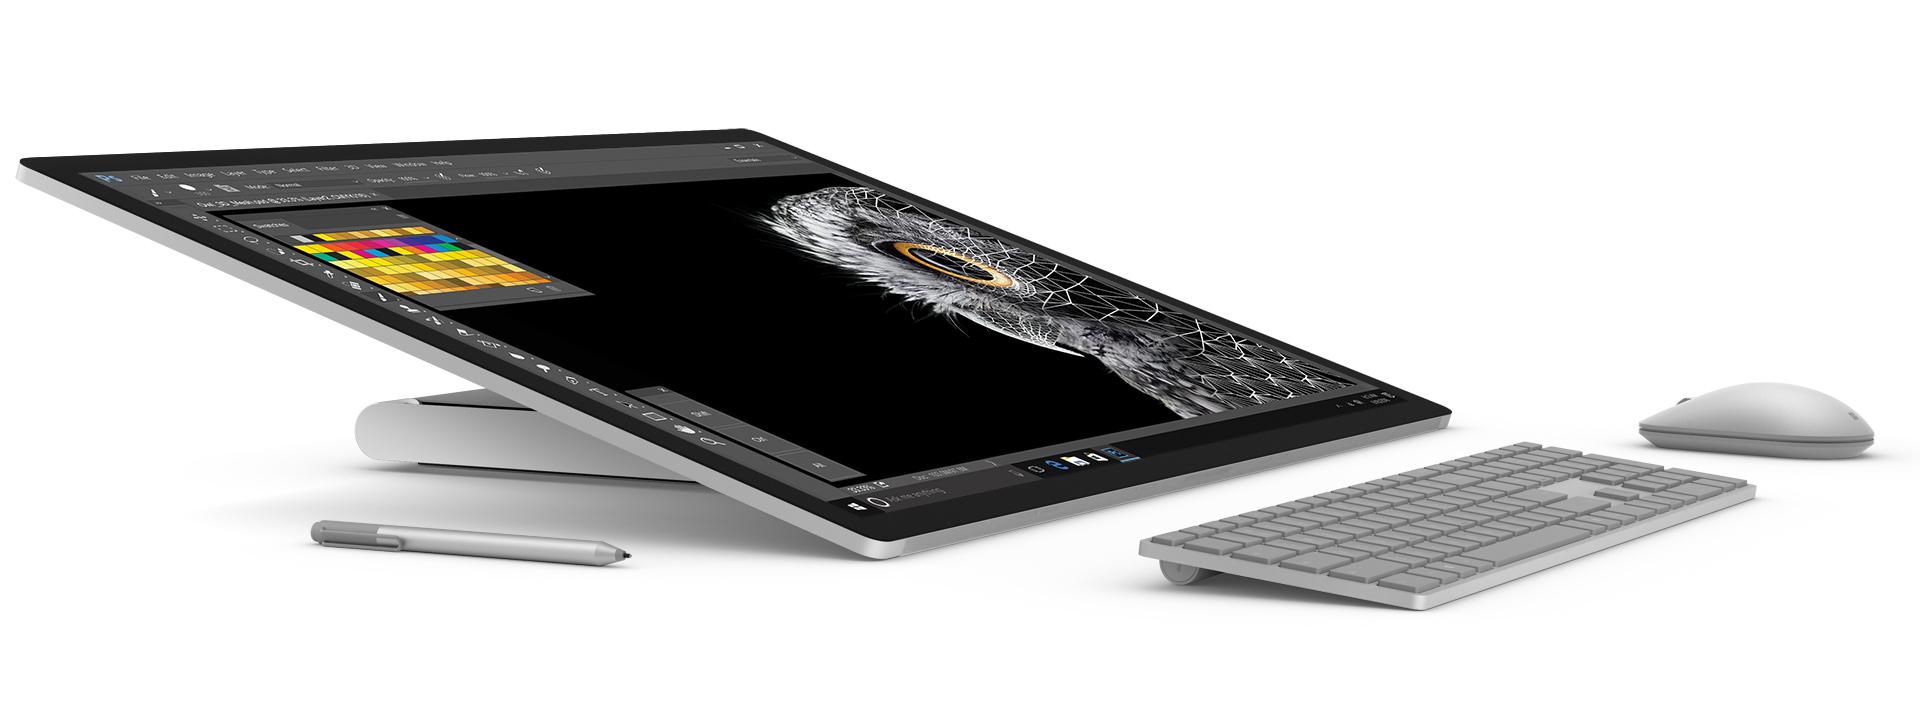 Surface ペン、Surface キーボードと Surface マウスを前面に配置して、右を向いてスタジオ モードで置いてある Surface Studio